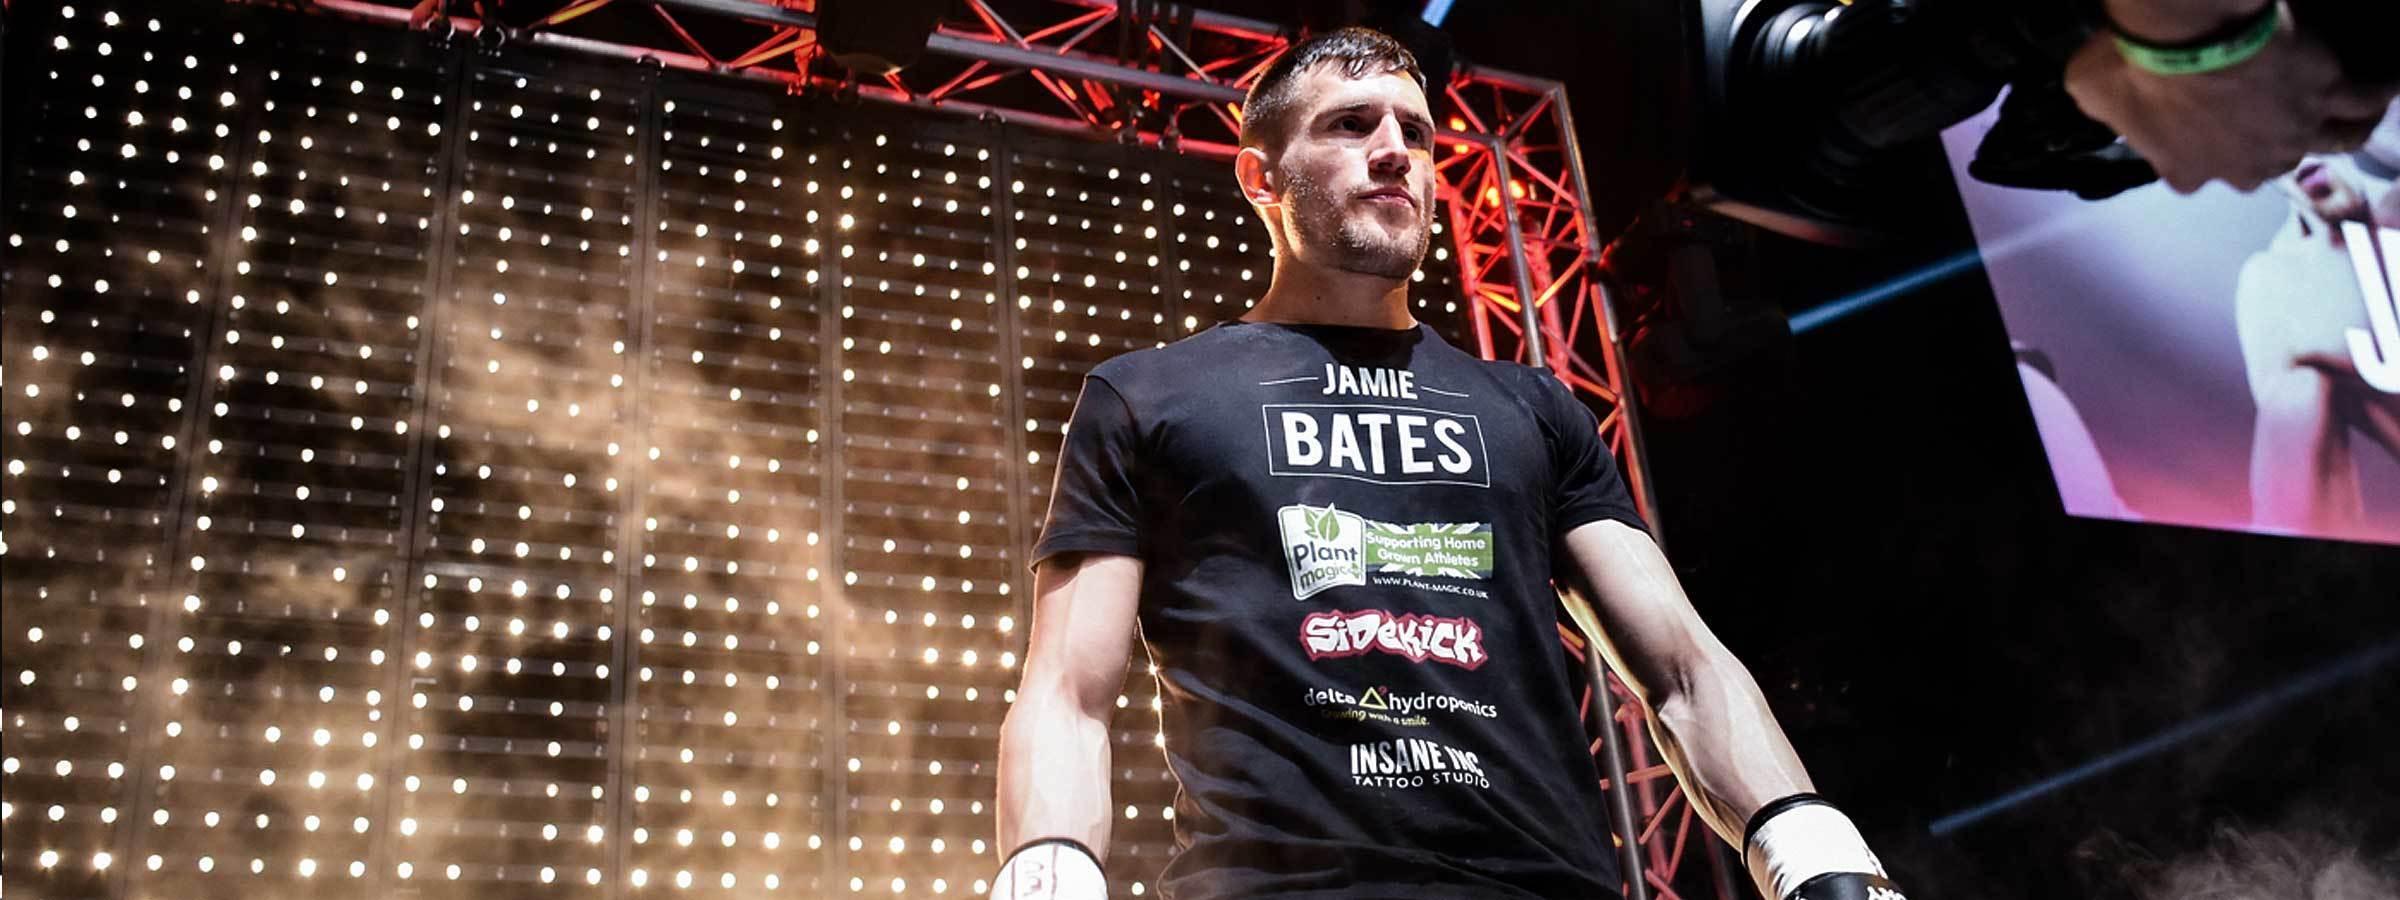 Jamie  Bates